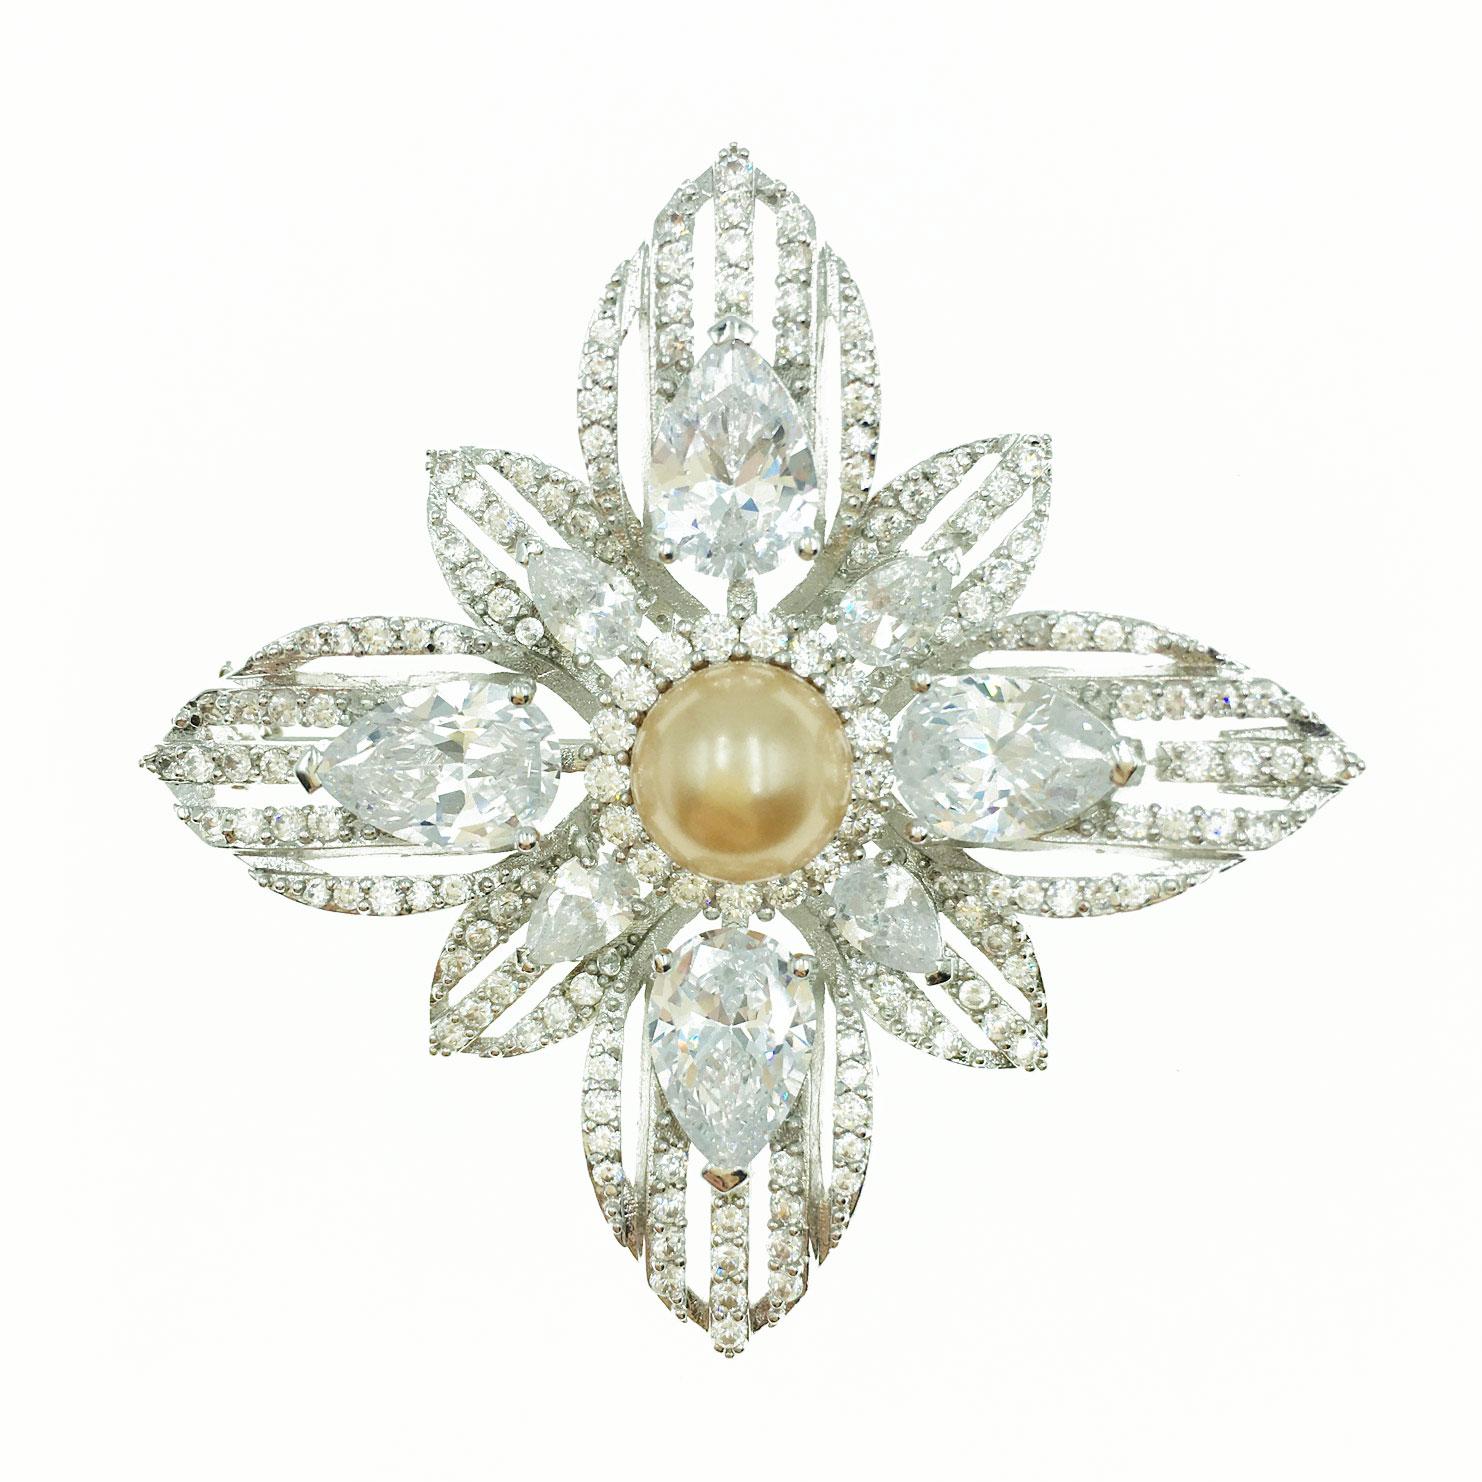 珍珠十字造型 水晶 水鑽 銀色 別針 胸針 採用施華洛世奇水晶元素 Crystals from Swarovski